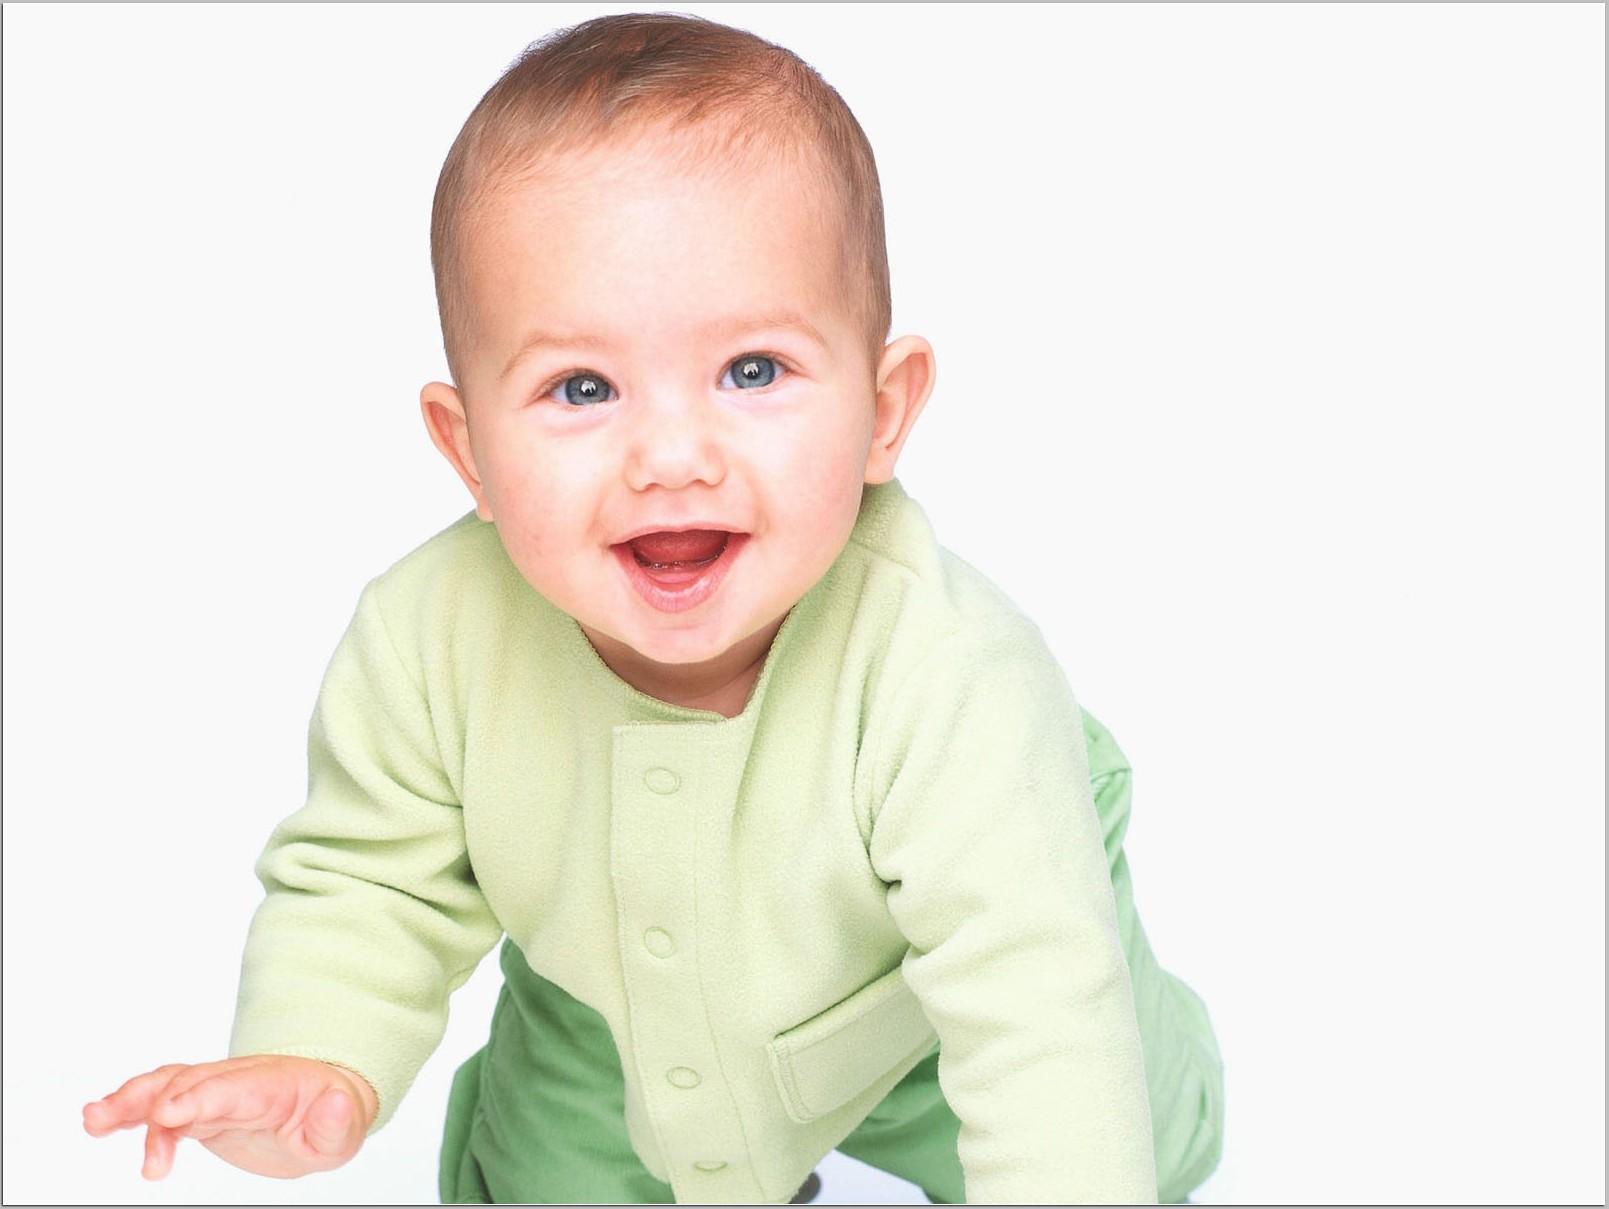 cute kid wallpapers 7 - PicsBroker.com